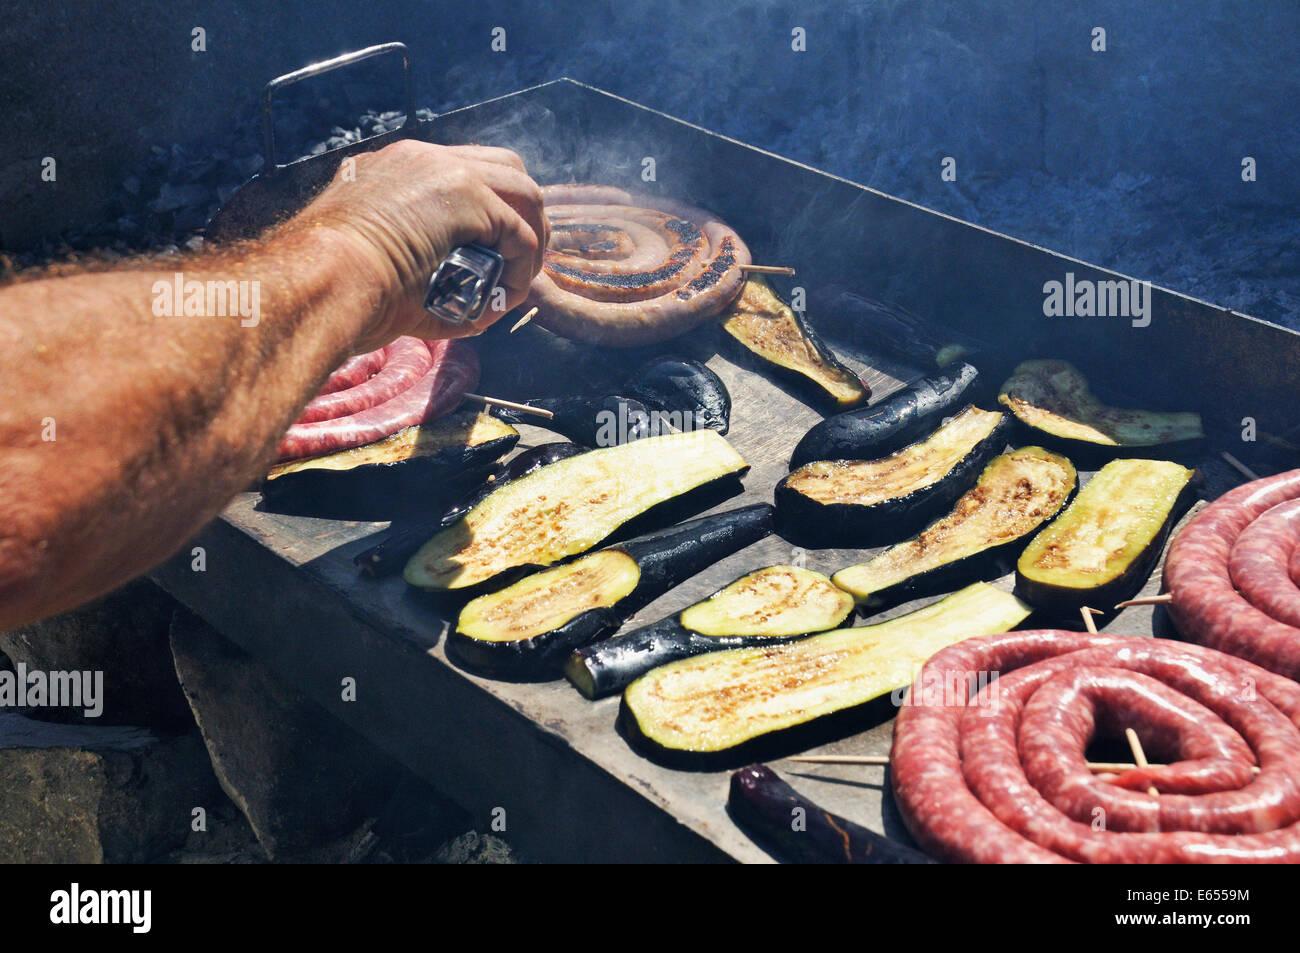 Würstchen und Auberginen/avocado Kochen auf einem Grill BBQ Stockbild